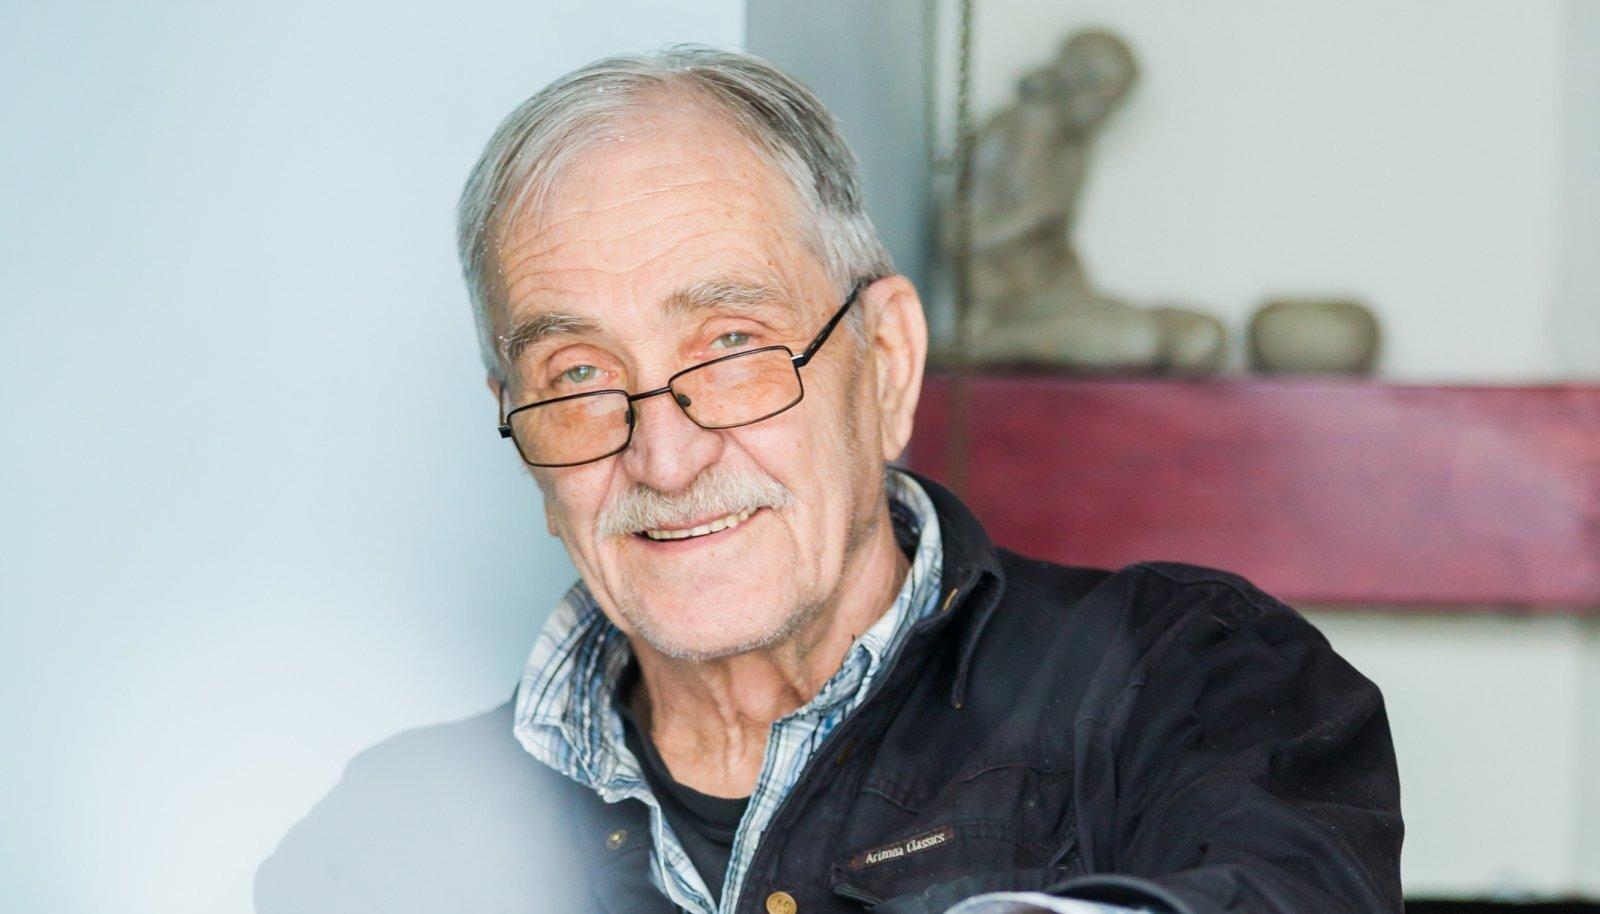 Hüvasti, Maestro! Iga lahkumine on valus, nii on ka paljudel Ago-Endrik Kerge lähedastel ja kolleegidel veel raske oma mälestusi temast sõnadesse panna.